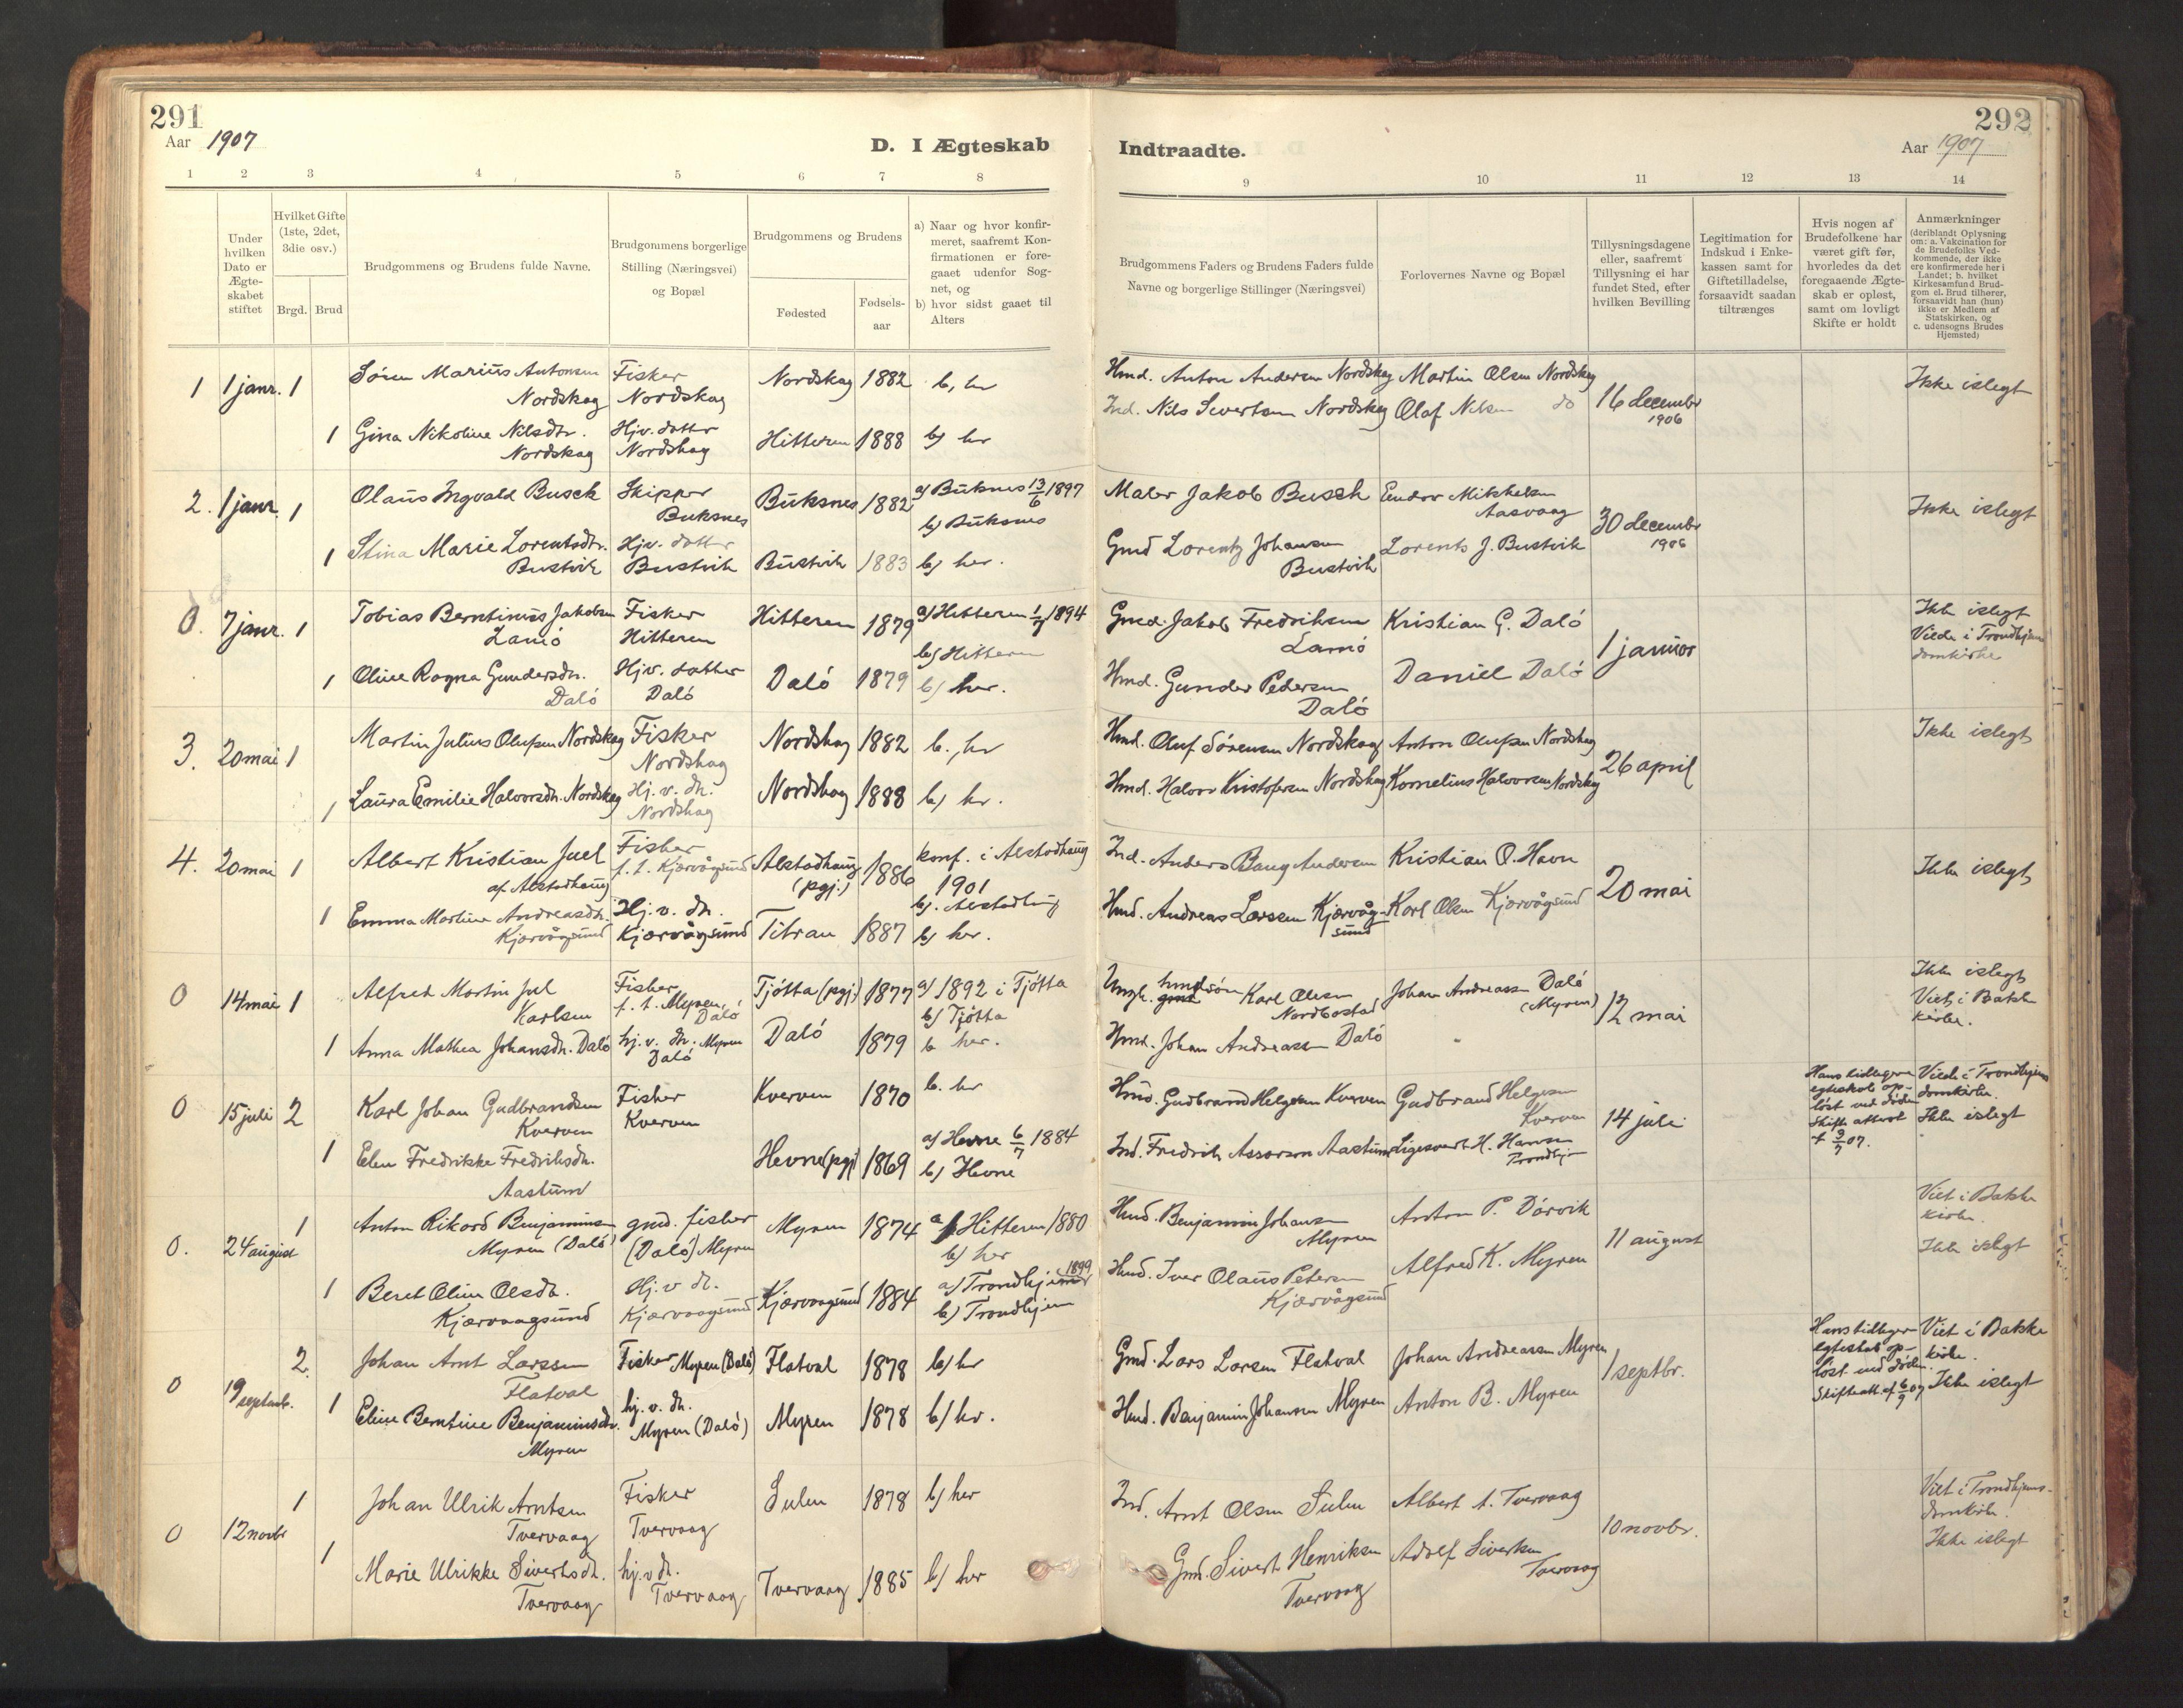 SAT, Ministerialprotokoller, klokkerbøker og fødselsregistre - Sør-Trøndelag, 641/L0596: Ministerialbok nr. 641A02, 1898-1915, s. 291-292